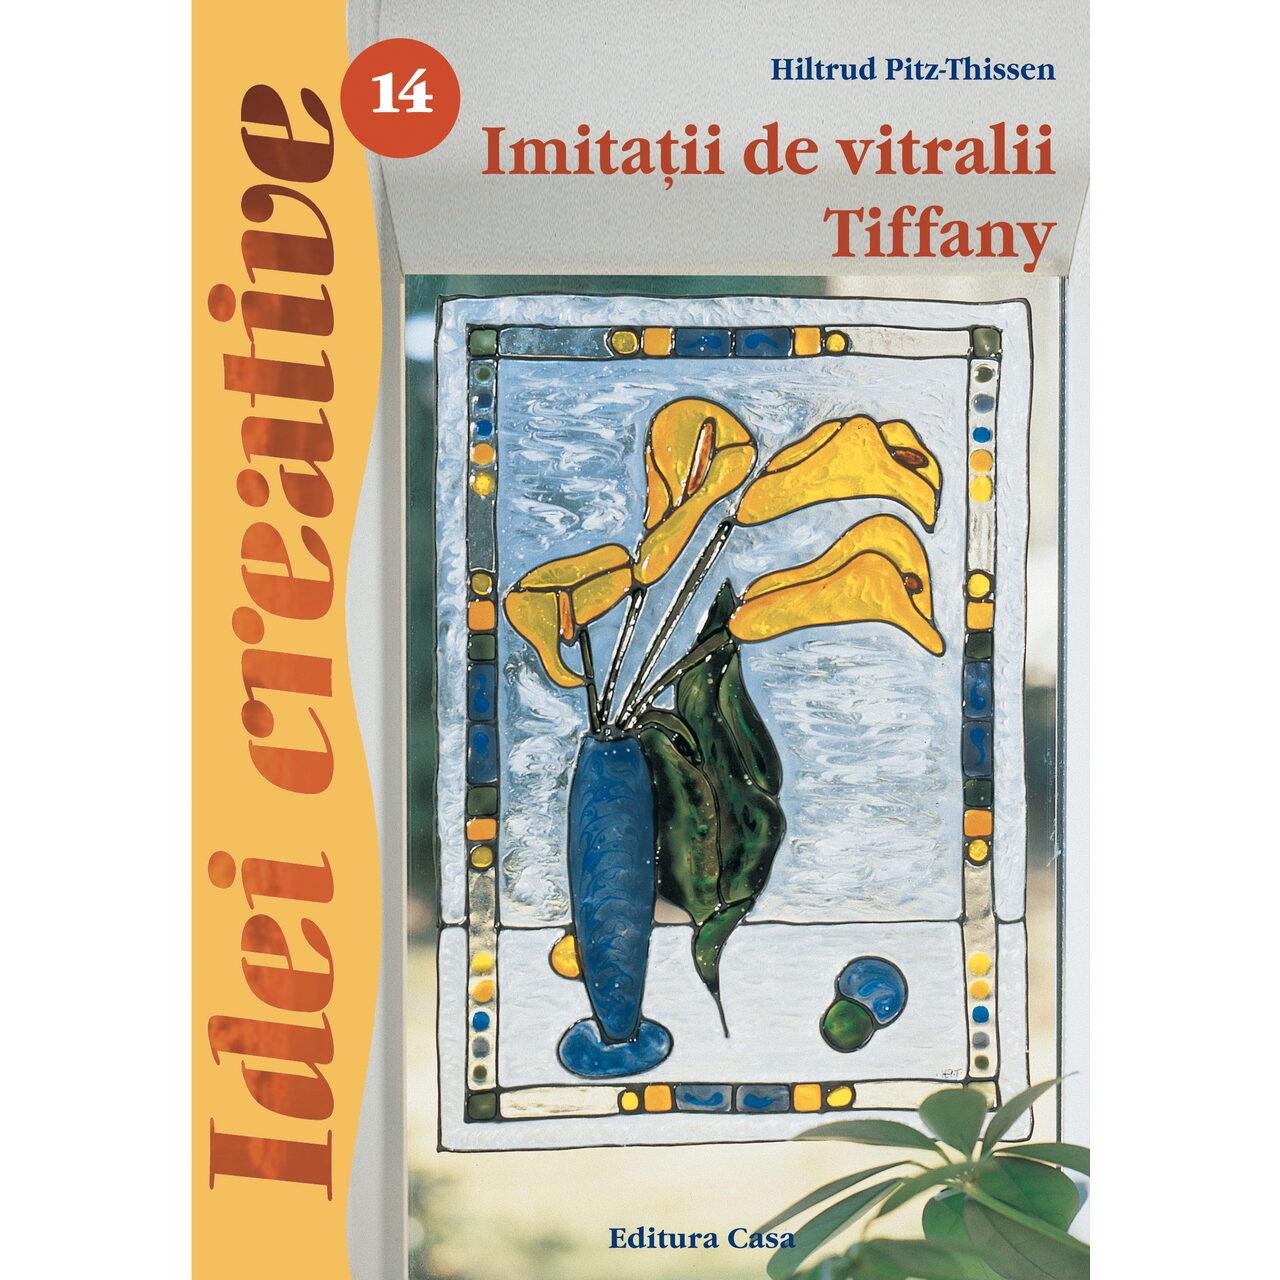 Imitatii de vitralii Tiffany - Ed. a III a - Idei creative 14 imagine edituracasa.ro